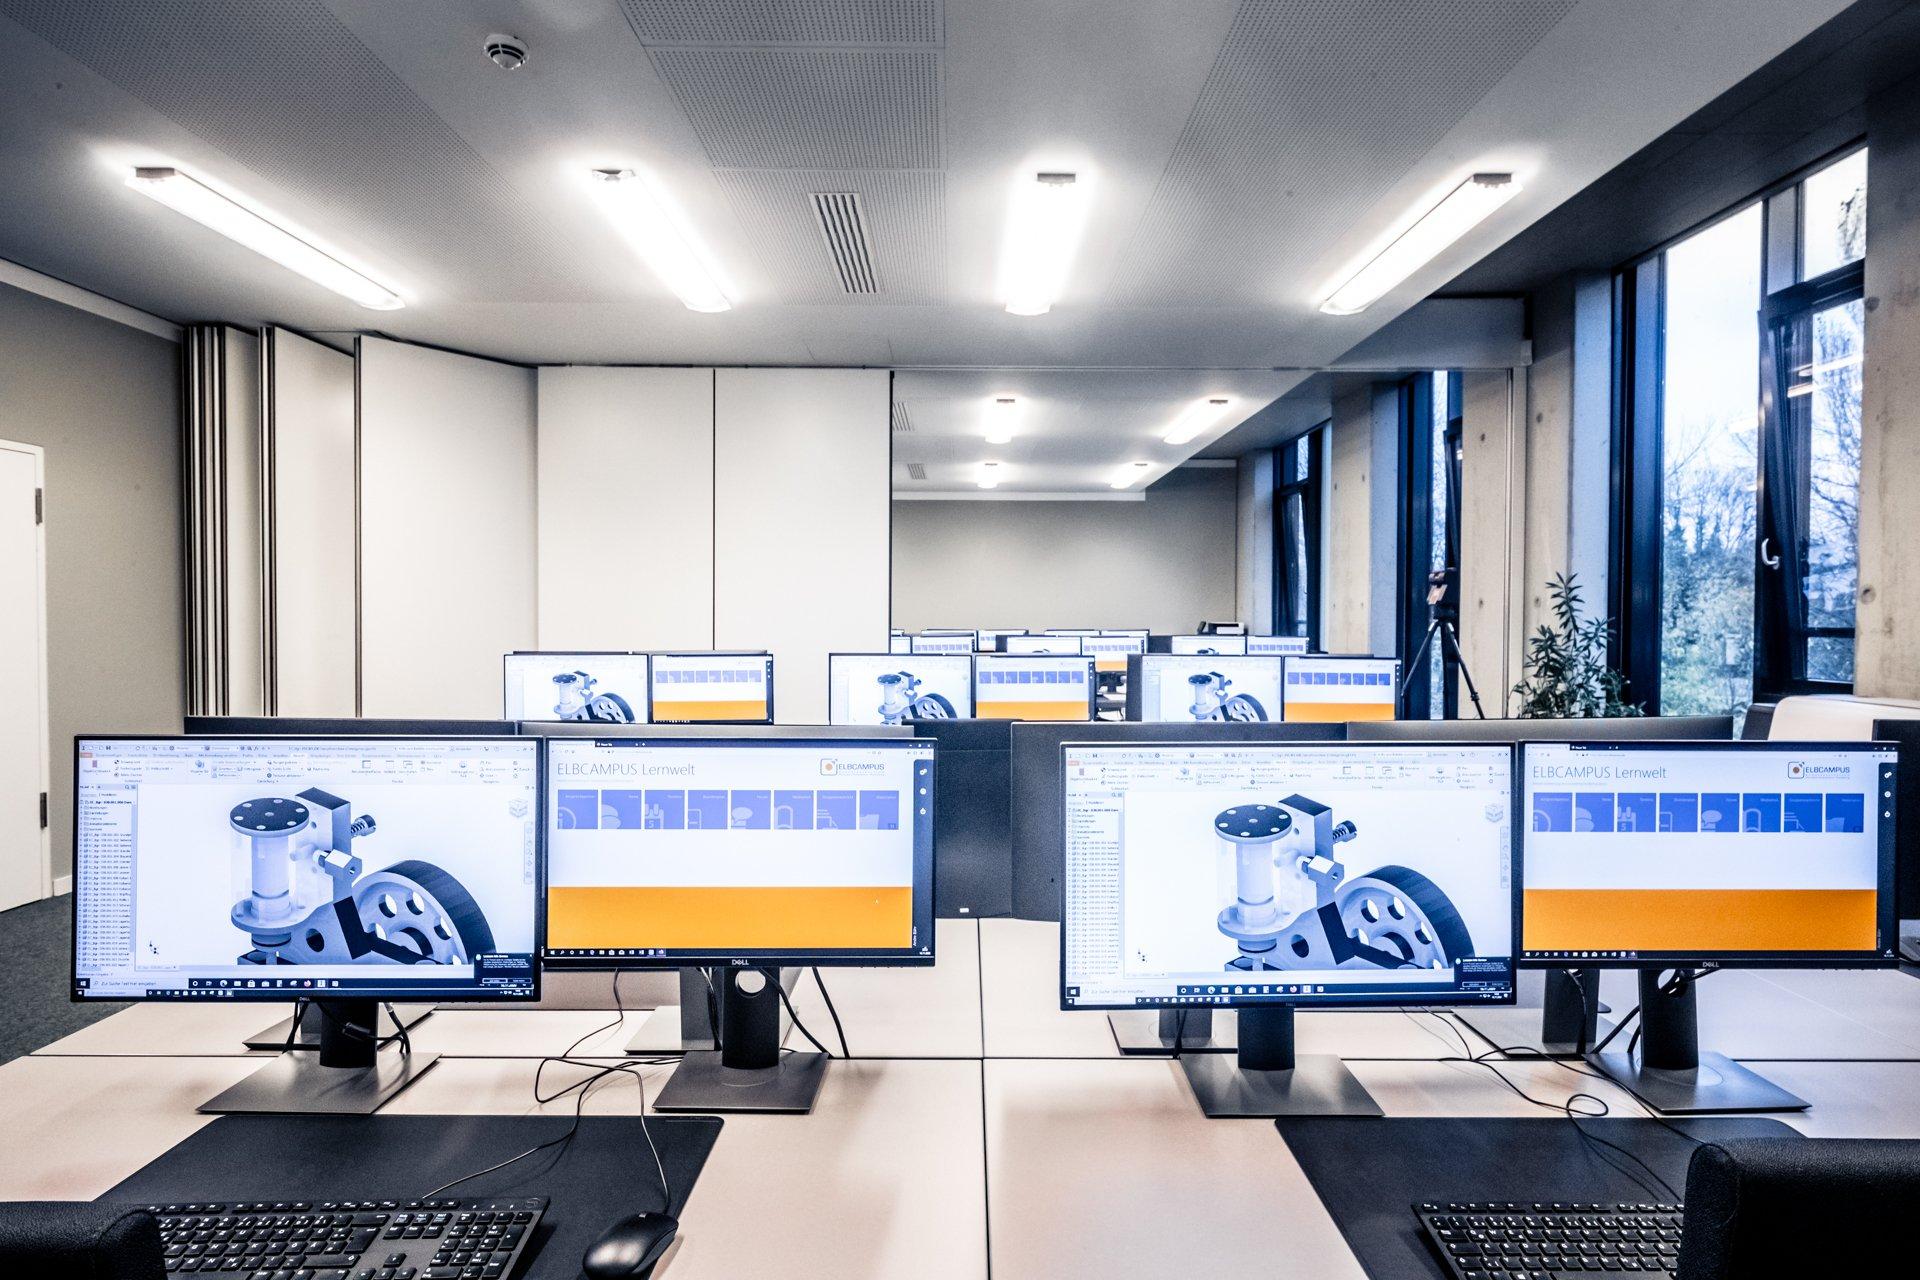 ELBCAMPUS | IT-Arbeitsplätze